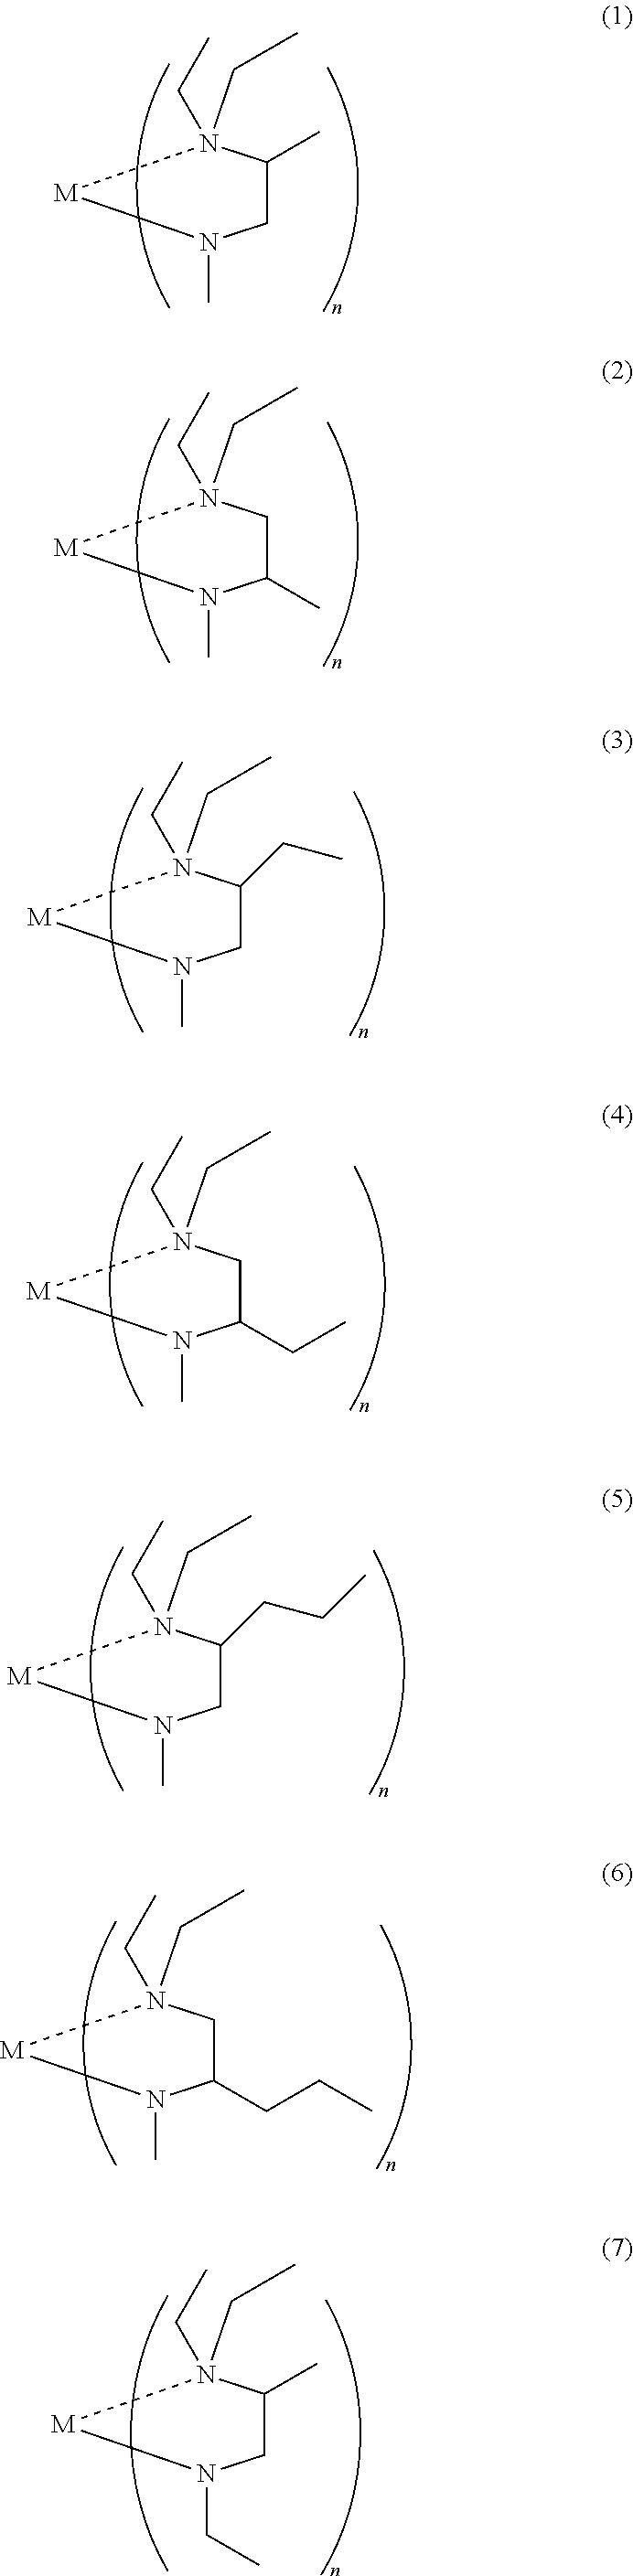 Figure US08871304-20141028-C00013